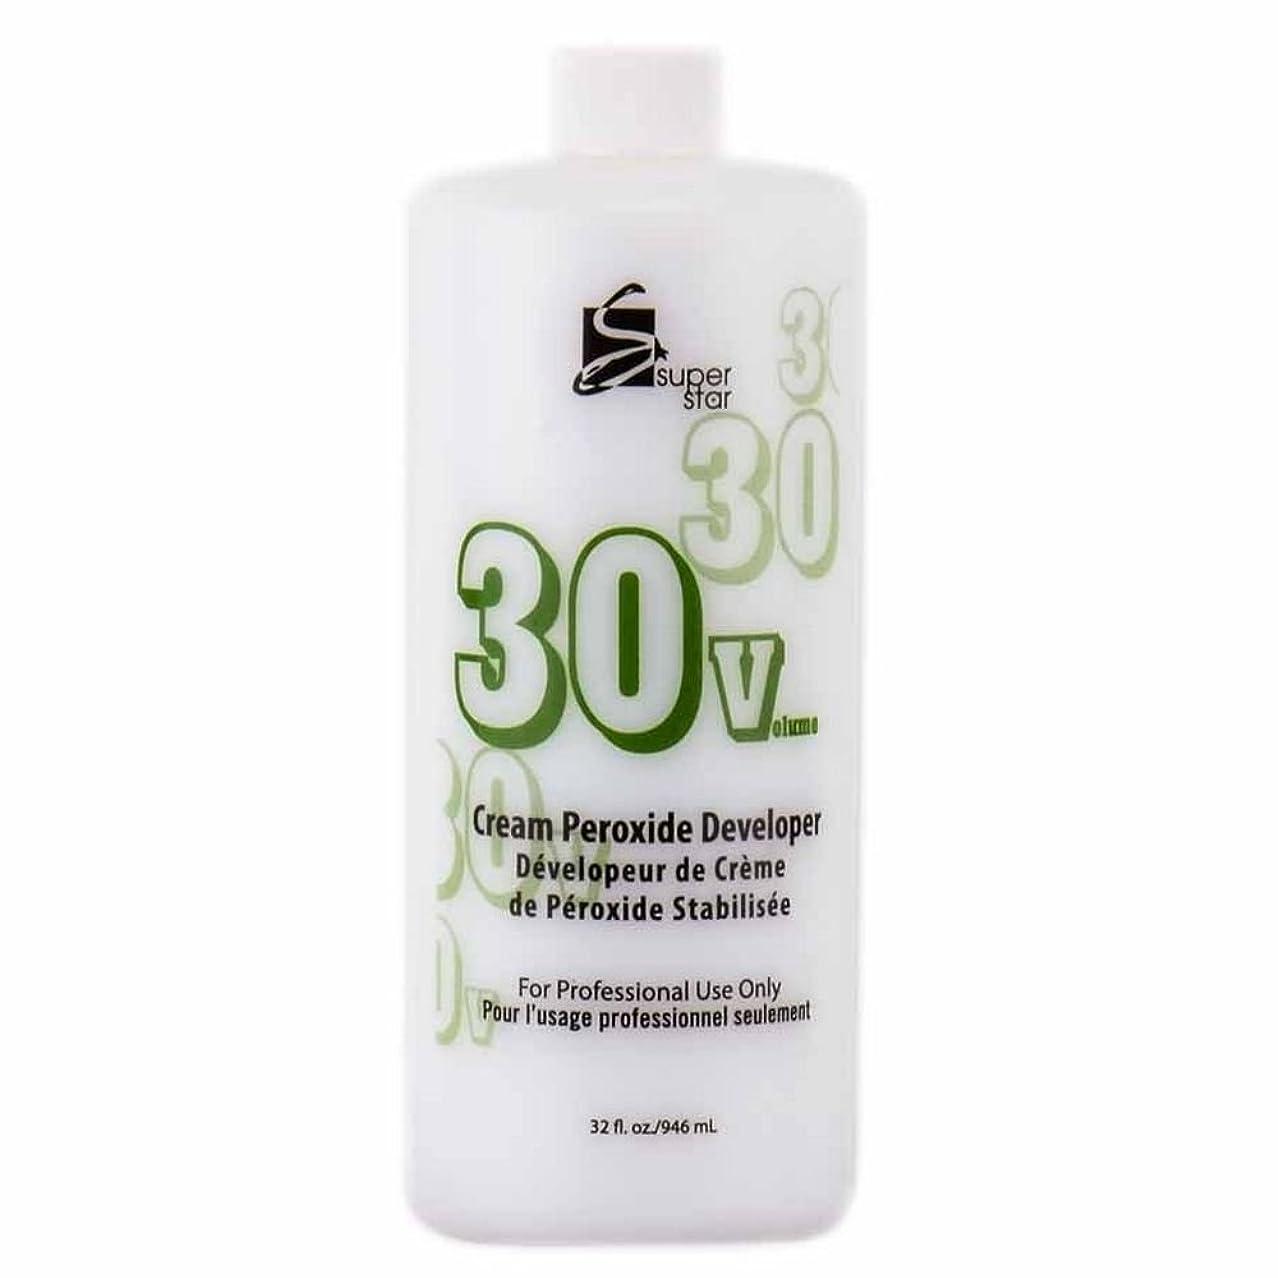 気分が良い実装するスライムSUPER STAR Stabilized Cream Peroxide Developer 30V HC-50303 by Superstar